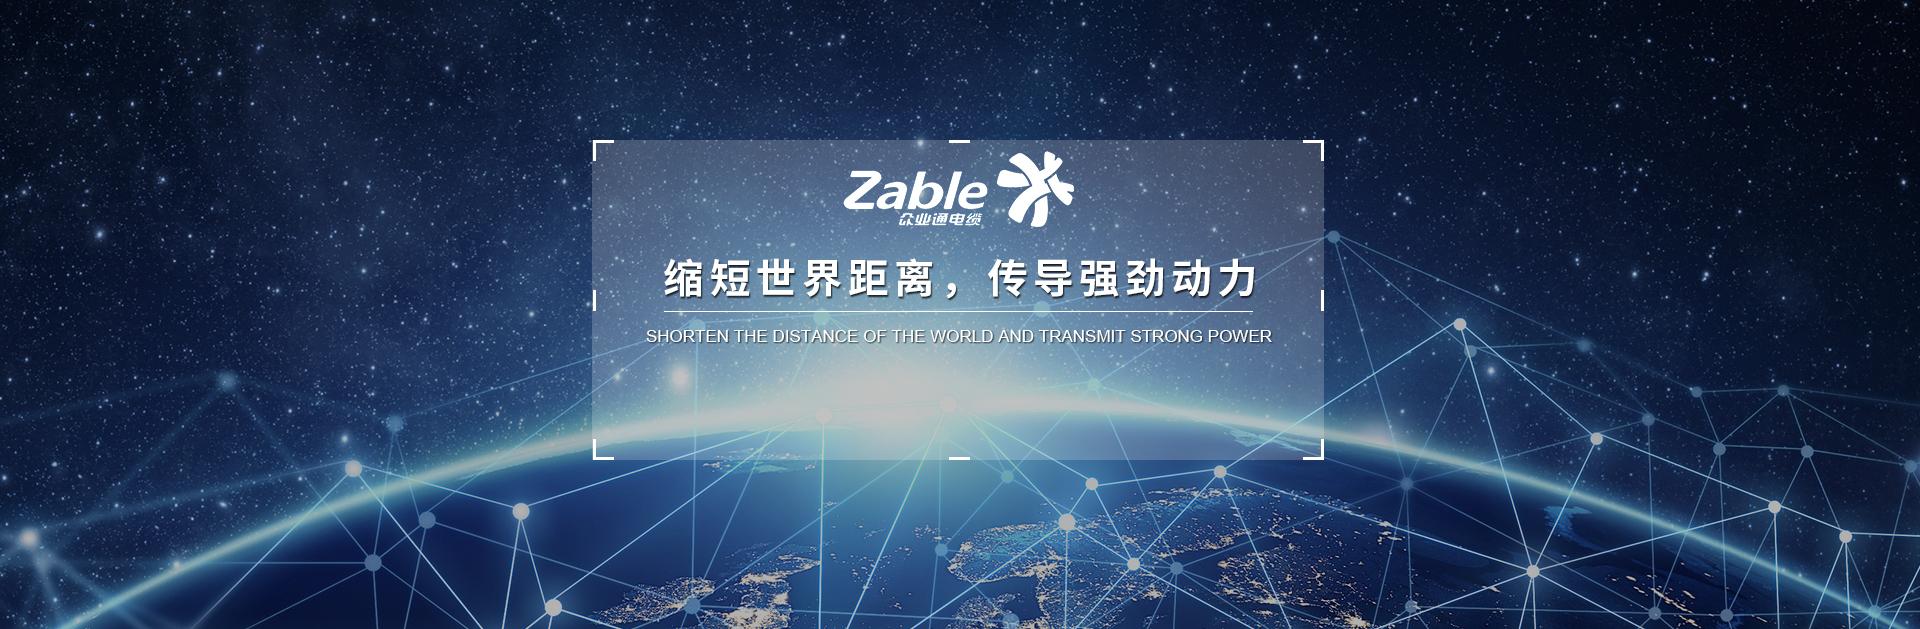 上海cl社区最新地址電纜股份有限公司